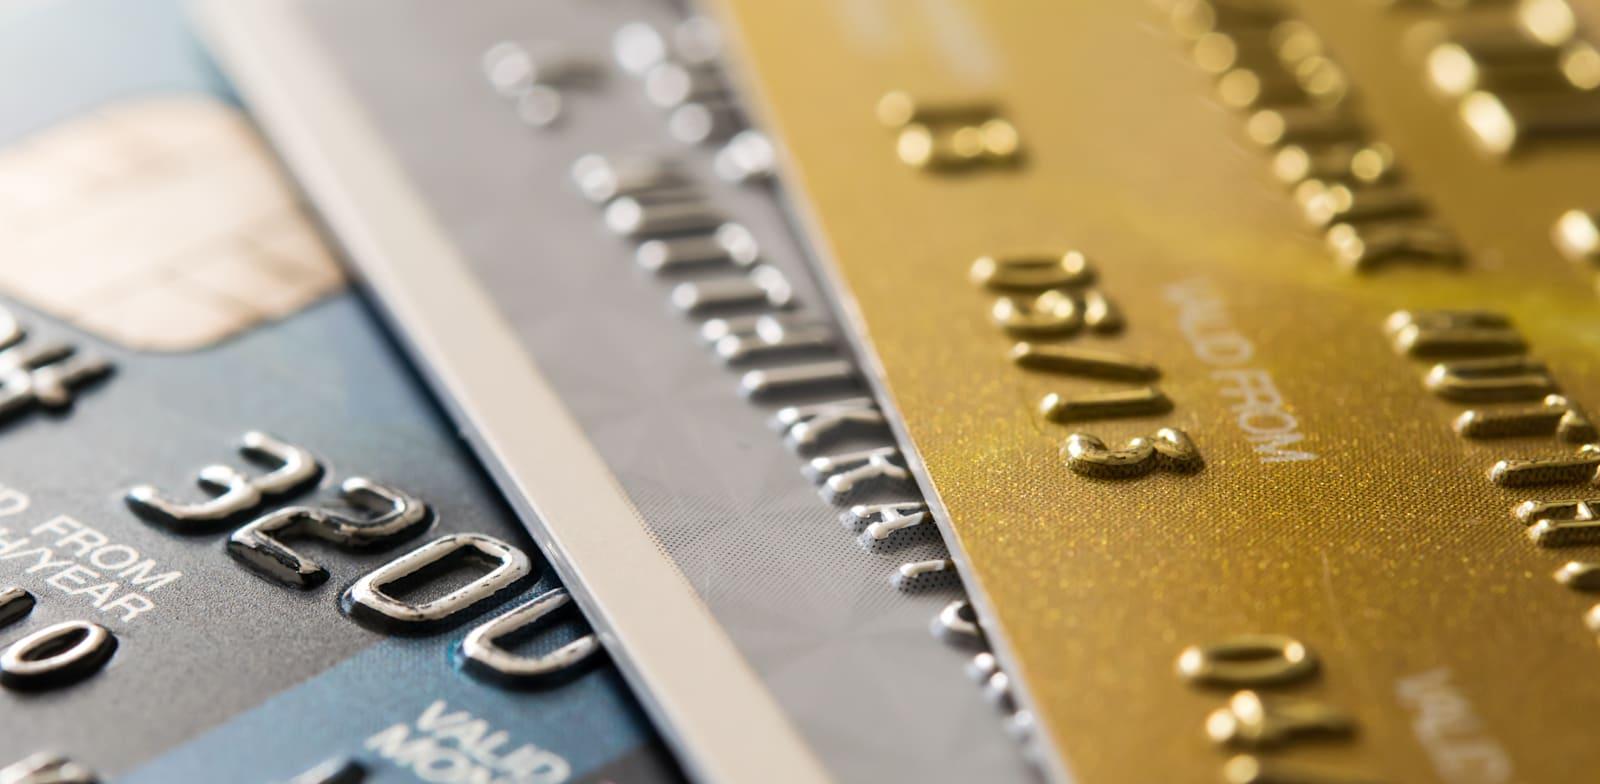 מחיקת היסטוריית האשראי שלכם ככל הנראה תפעל לרעתכם / צילום: Shutterstock, Ti_ser